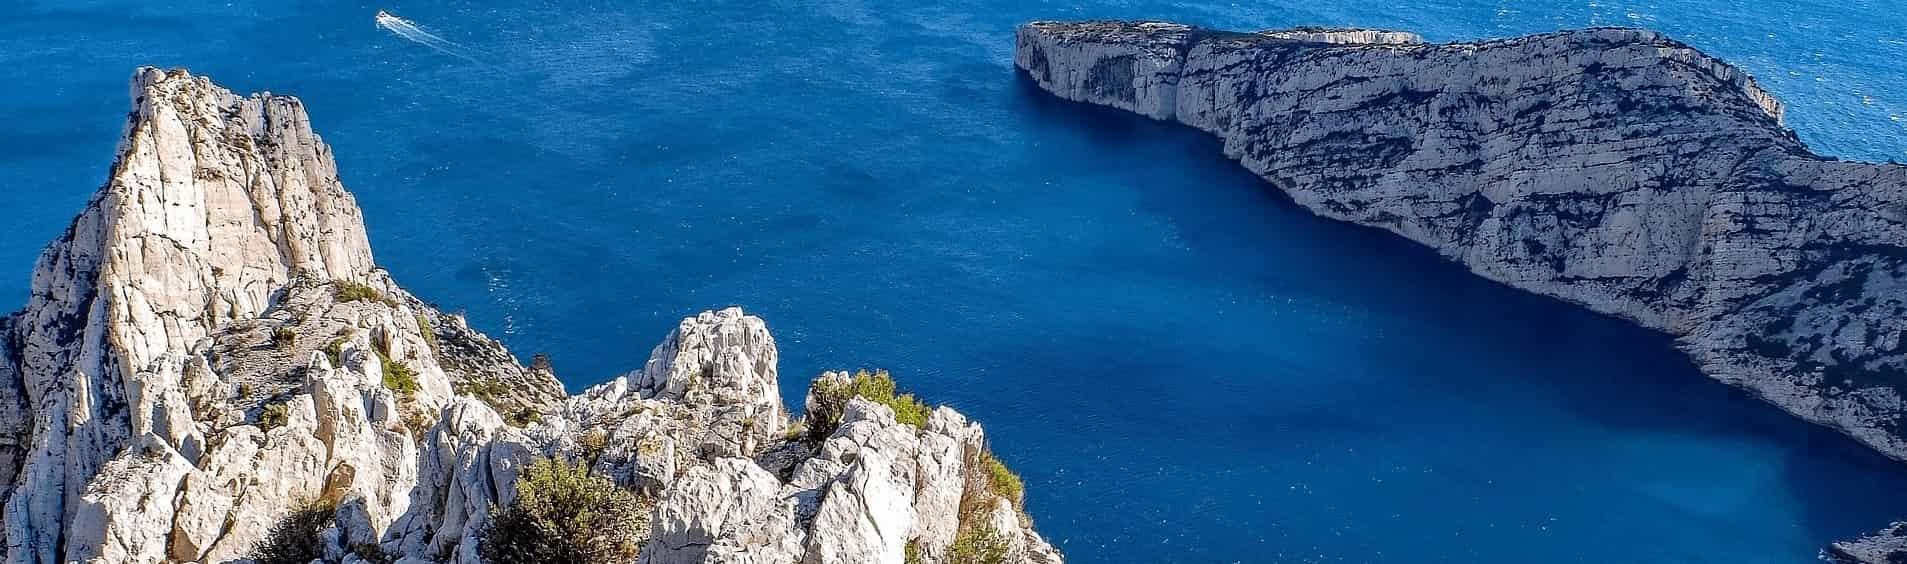 Marseille – Tipps rund um die südfranzösische Perle